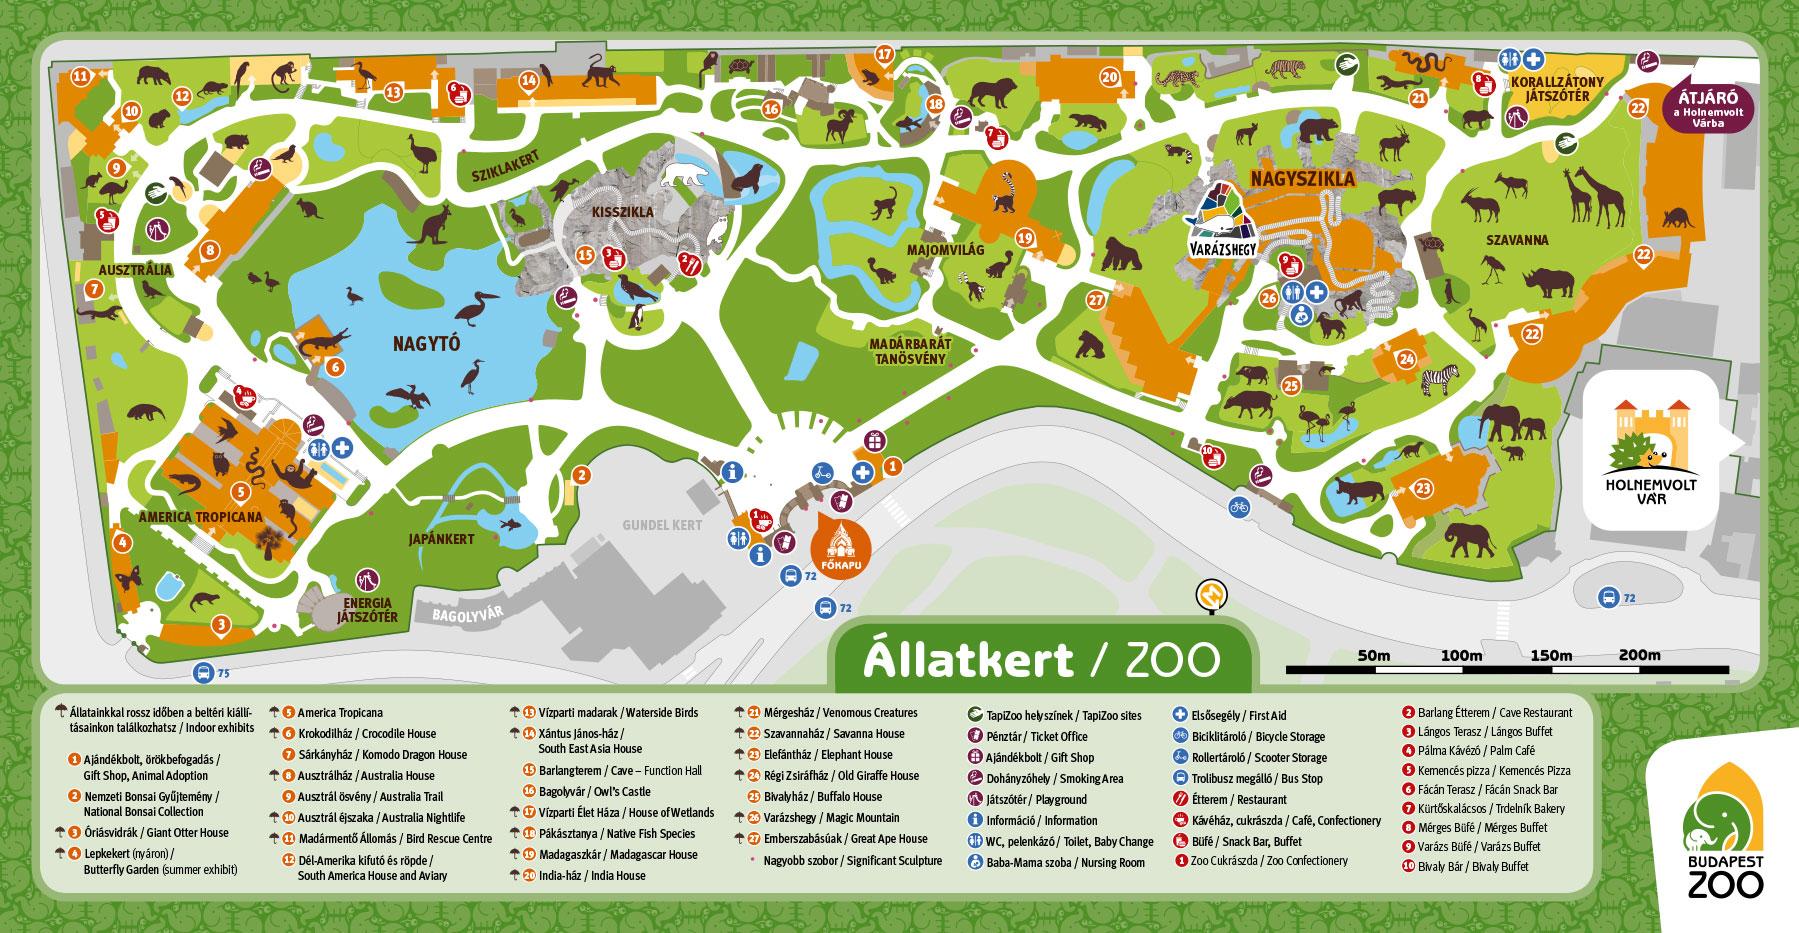 budapest állatkert térkép Állatkerti térkép | Állatkert Budapest szívében budapest állatkert térkép